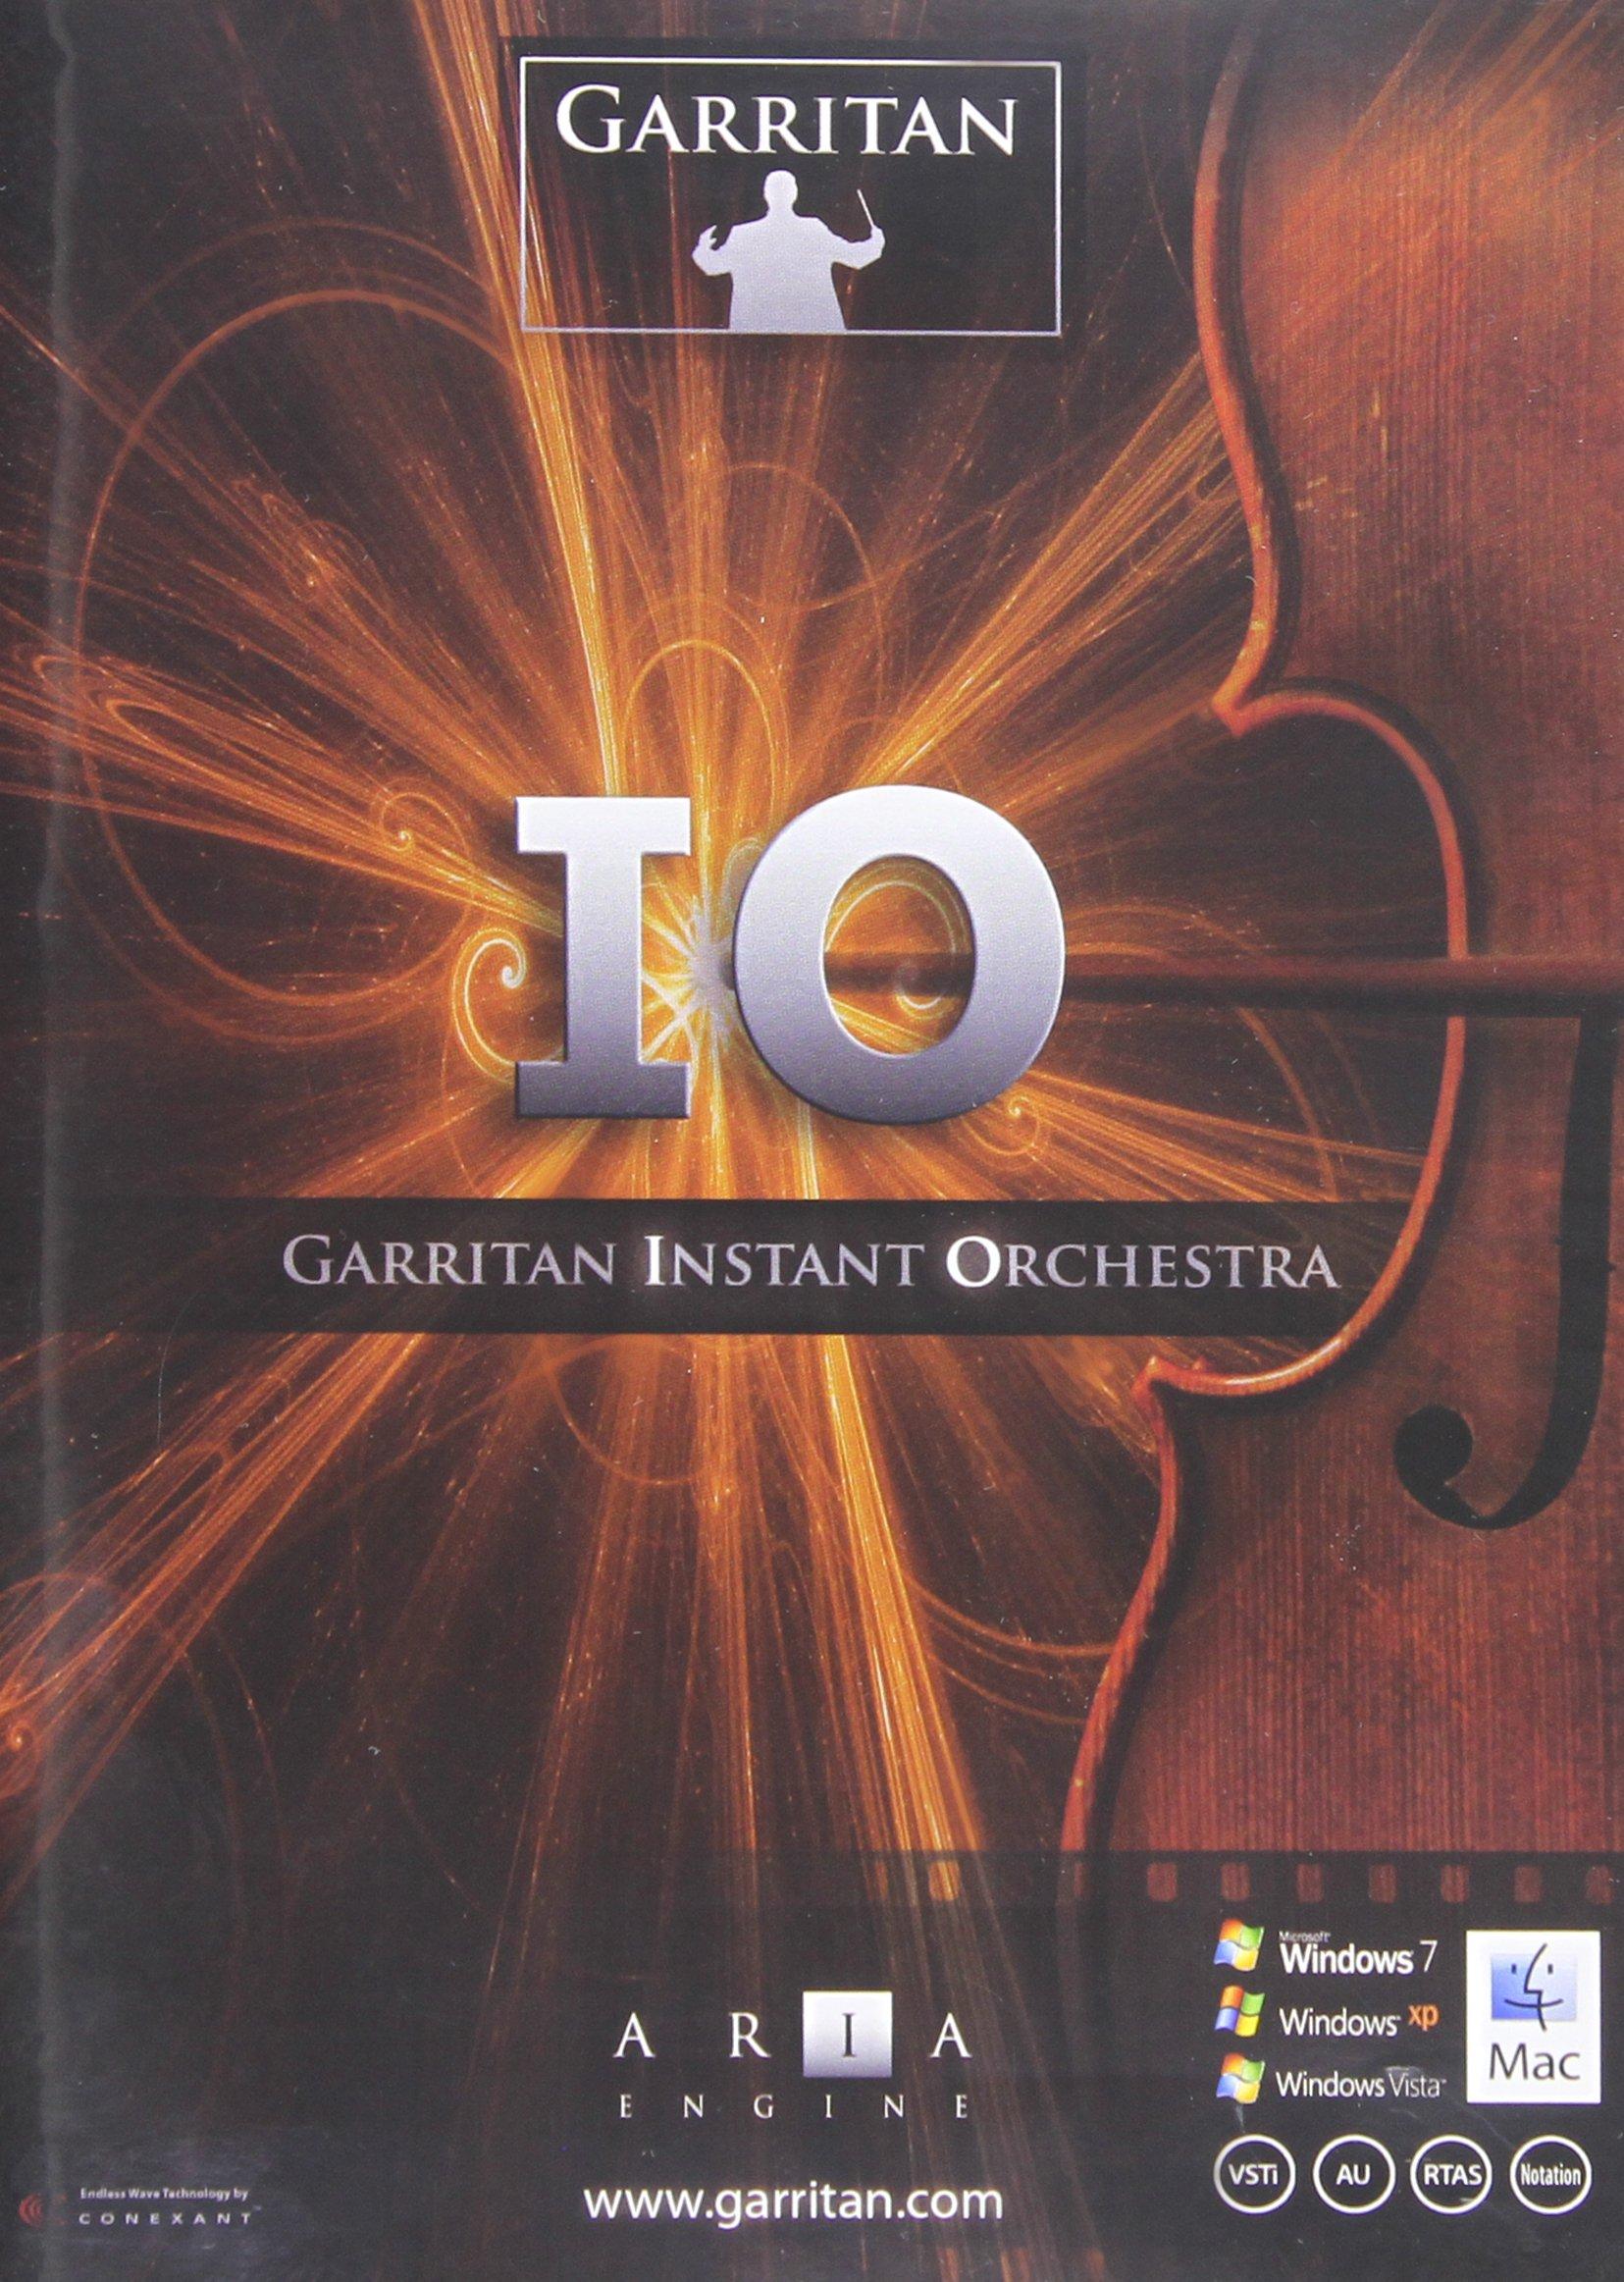 MakeMusic-MM00225-Garritan-Instant-Orchestra